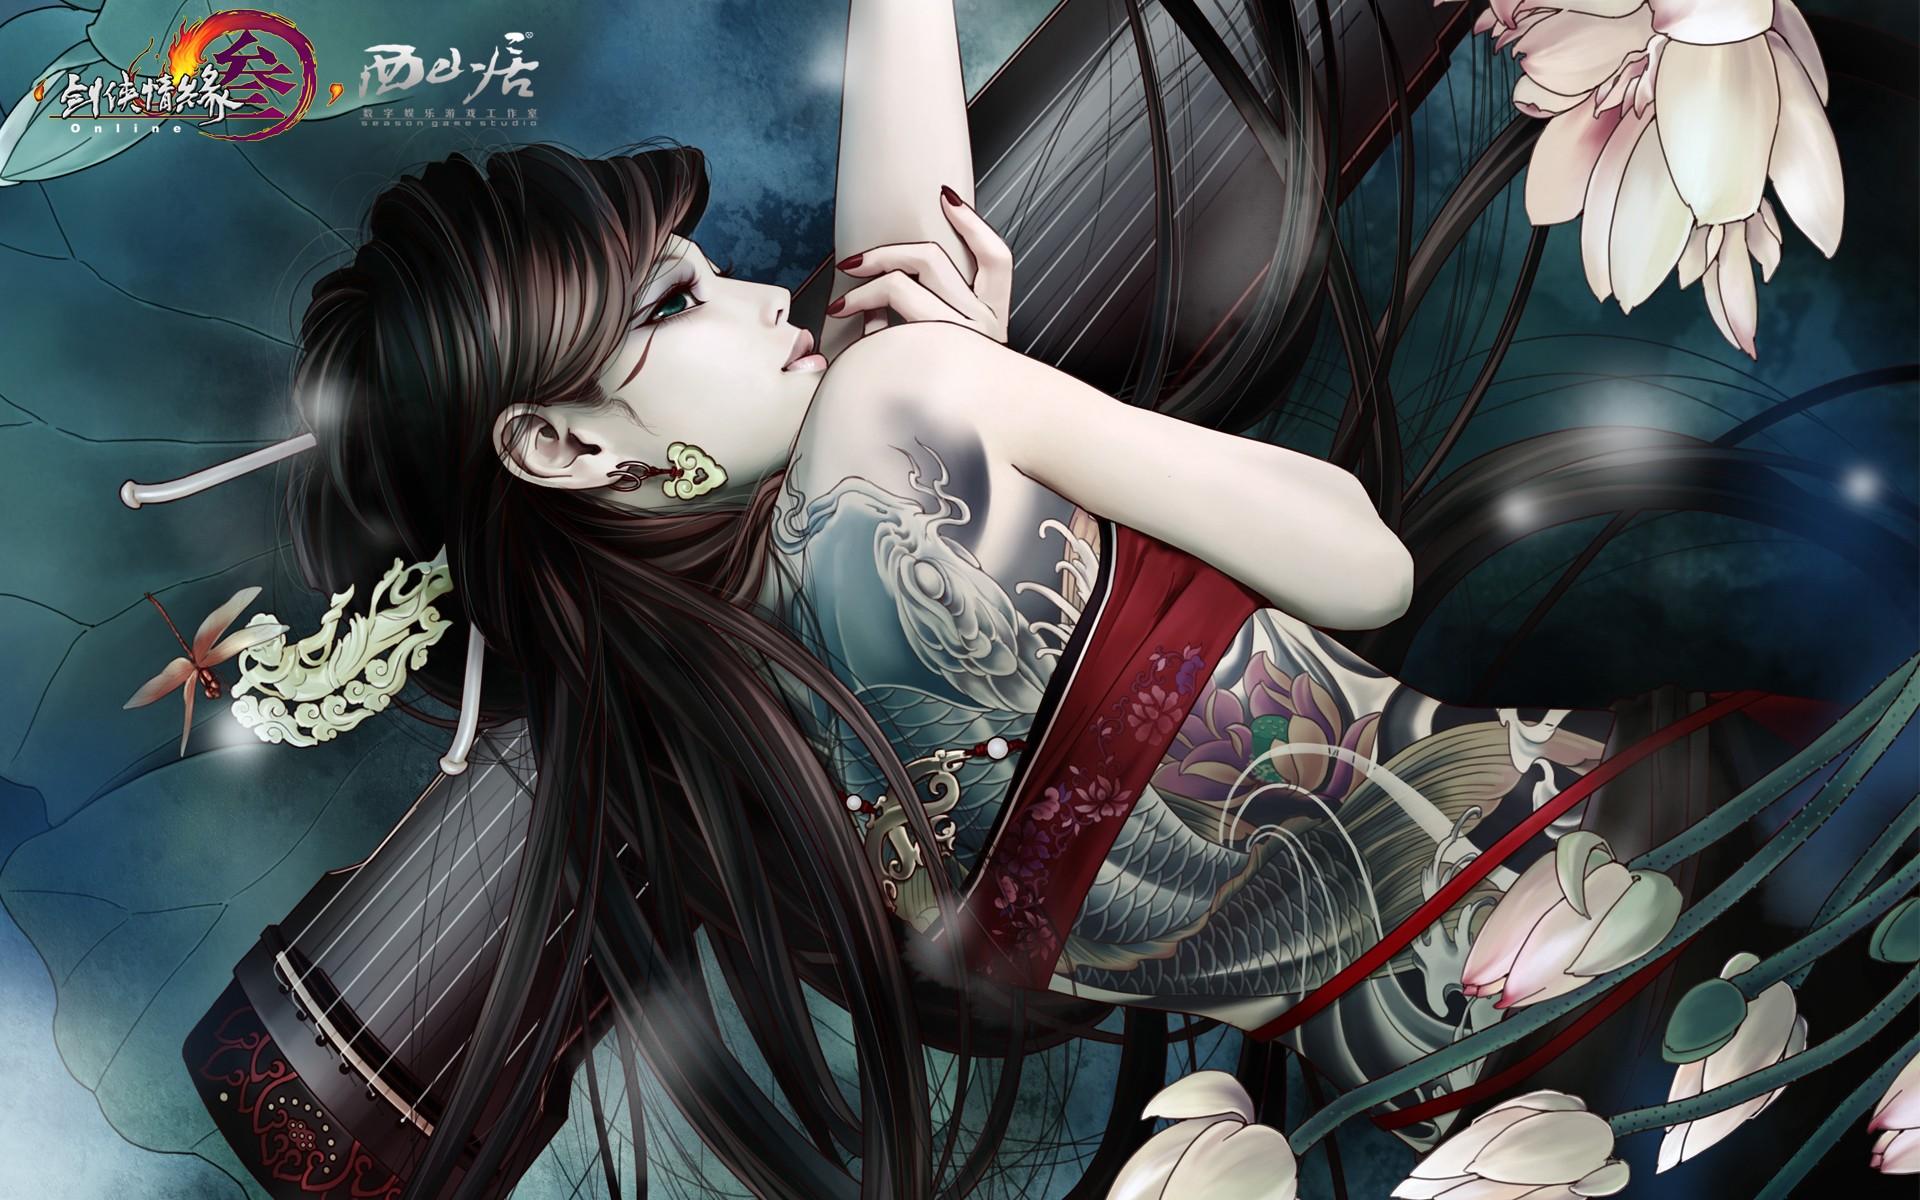 Swordsman emotion - 1920x1200